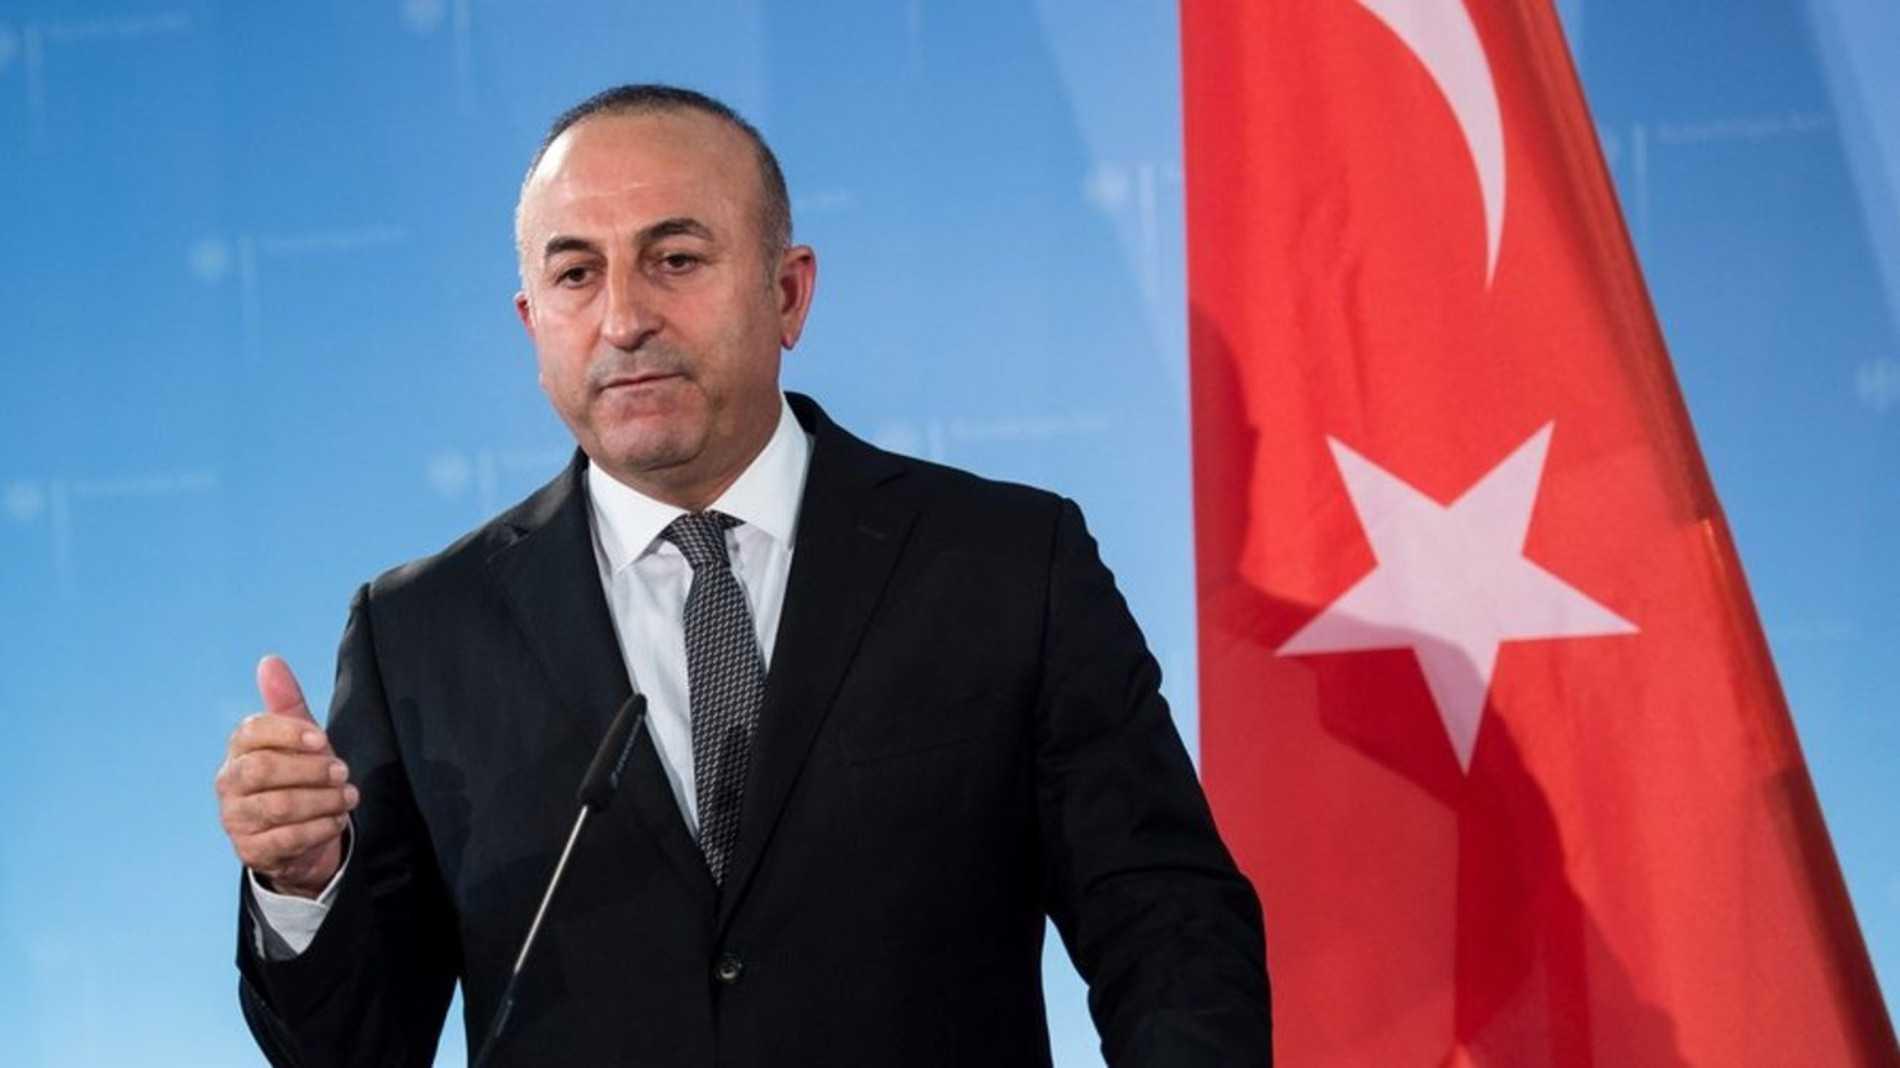 Συνομοσπονδία η δύο κράτη πρότεινε ο Τσαβούσογλου για το Κυπριακό